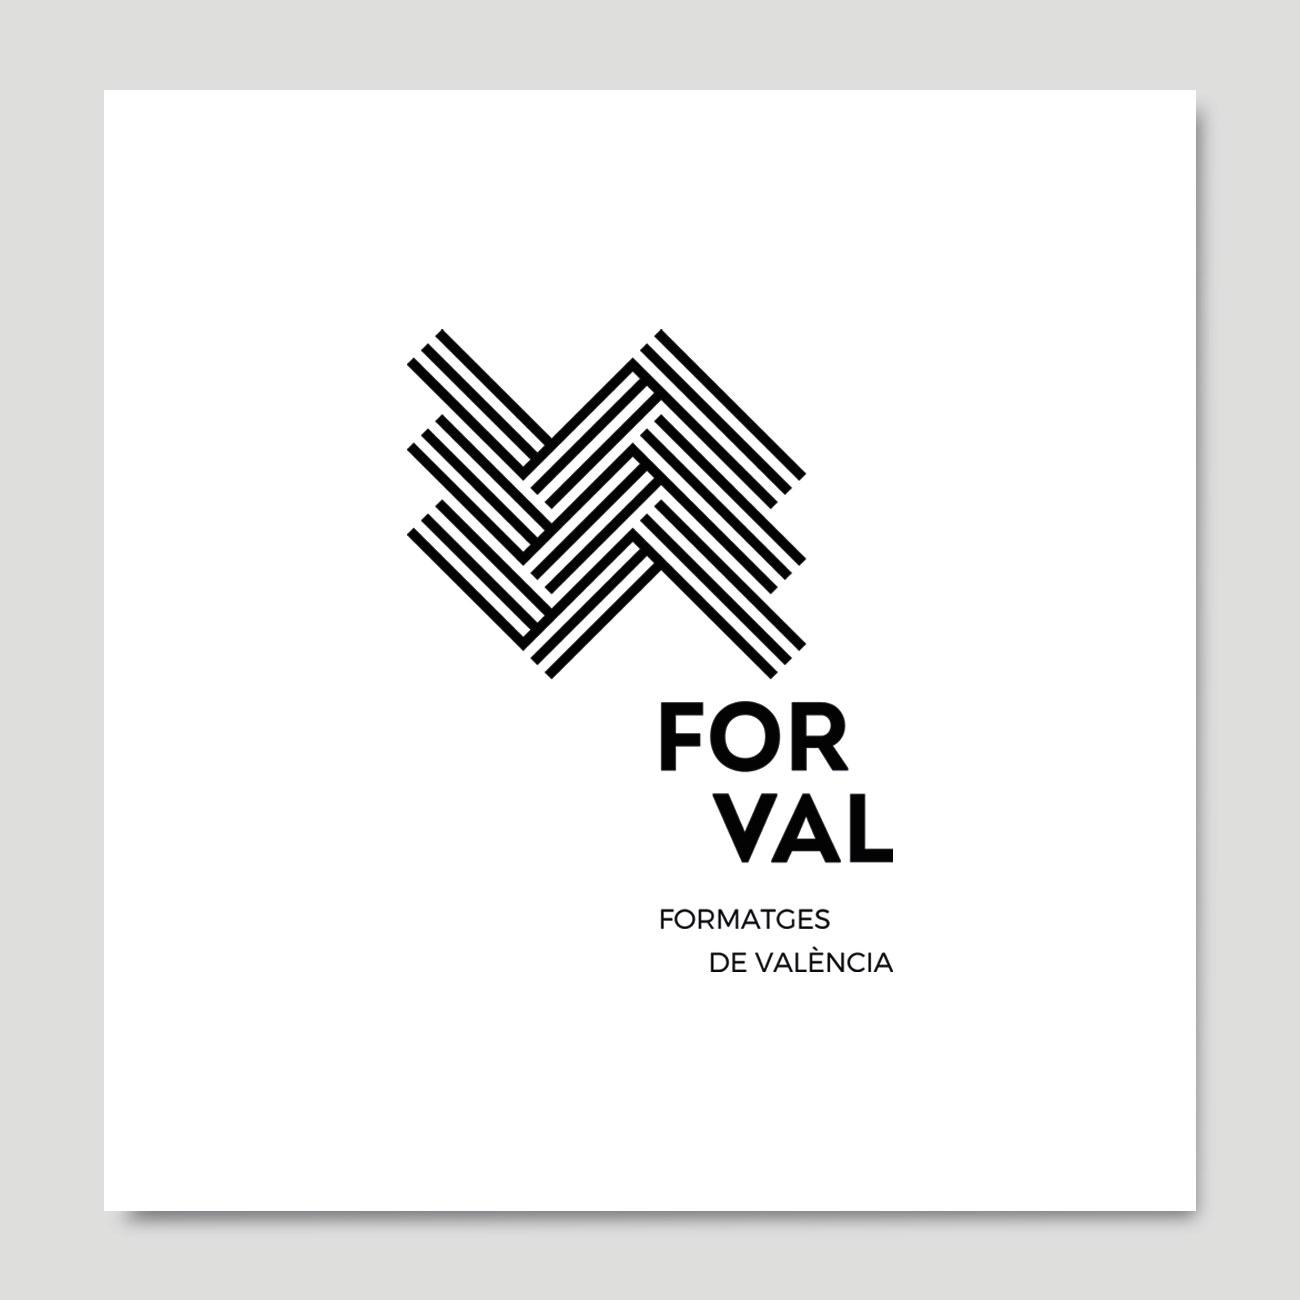 Identidad corporativa Forval, por Creatias Estudio